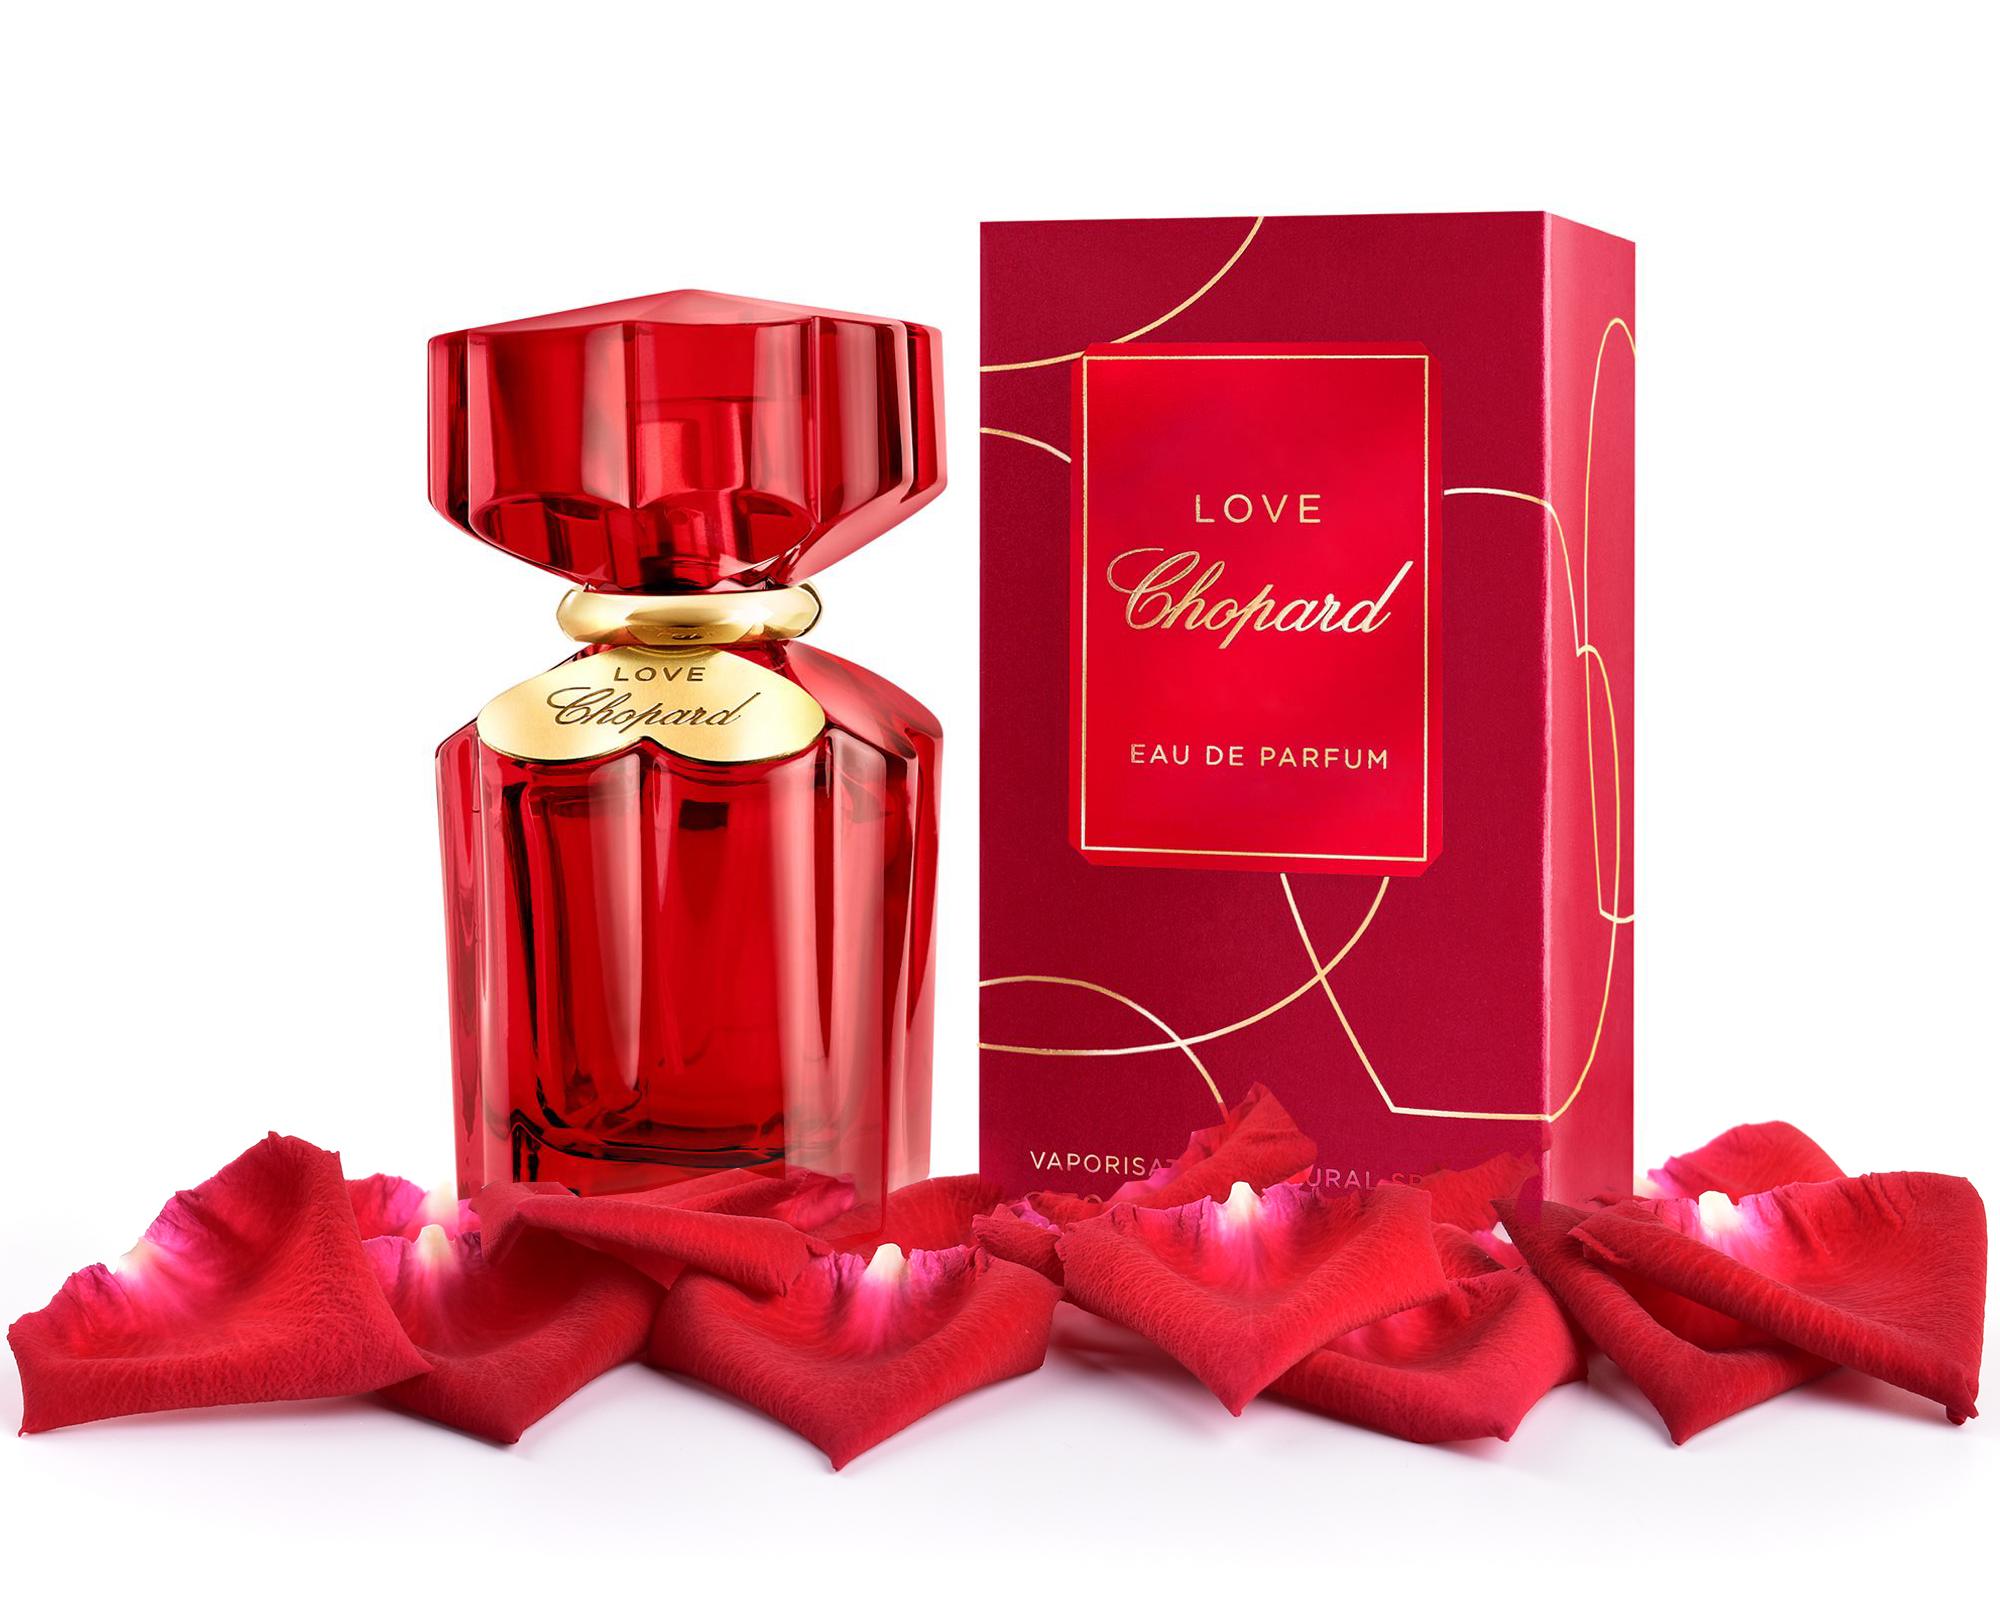 Chopard Presents Love Chopard Eau de Parfum ~ New Fragrances